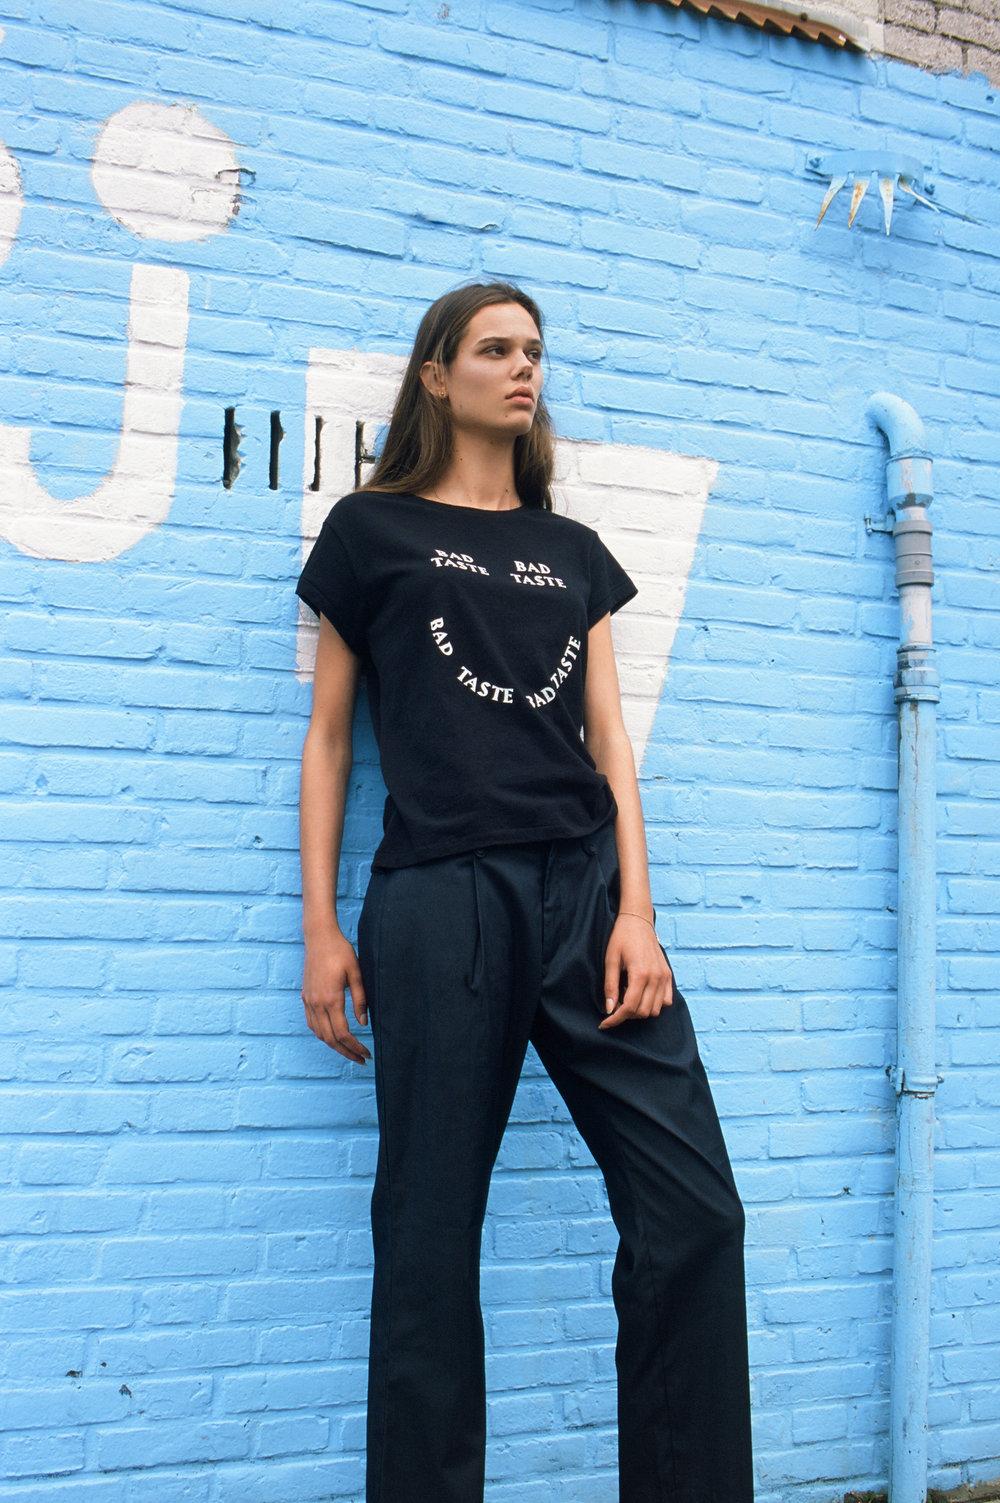 Roll 03-0028-Amsterdam-Ilse Tuit-FujiProvia-Edit.jpg